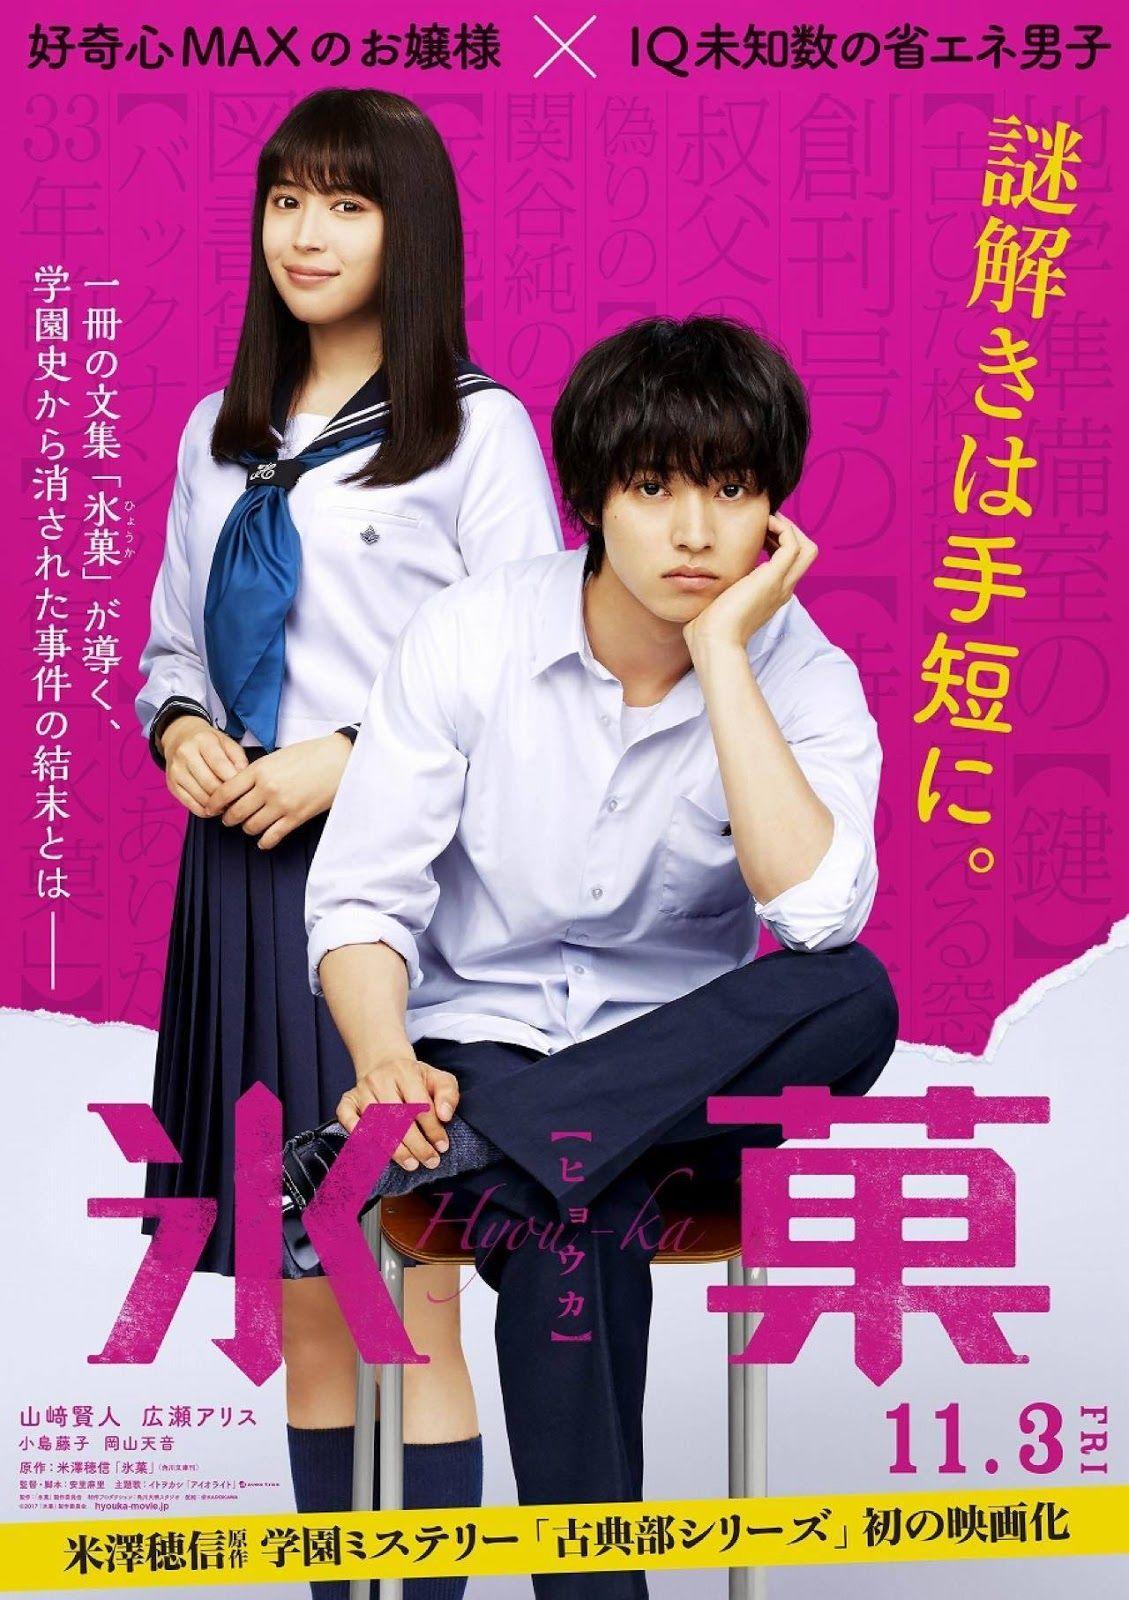 Blog ini berisi tentang info sinopsis film dan drama korea